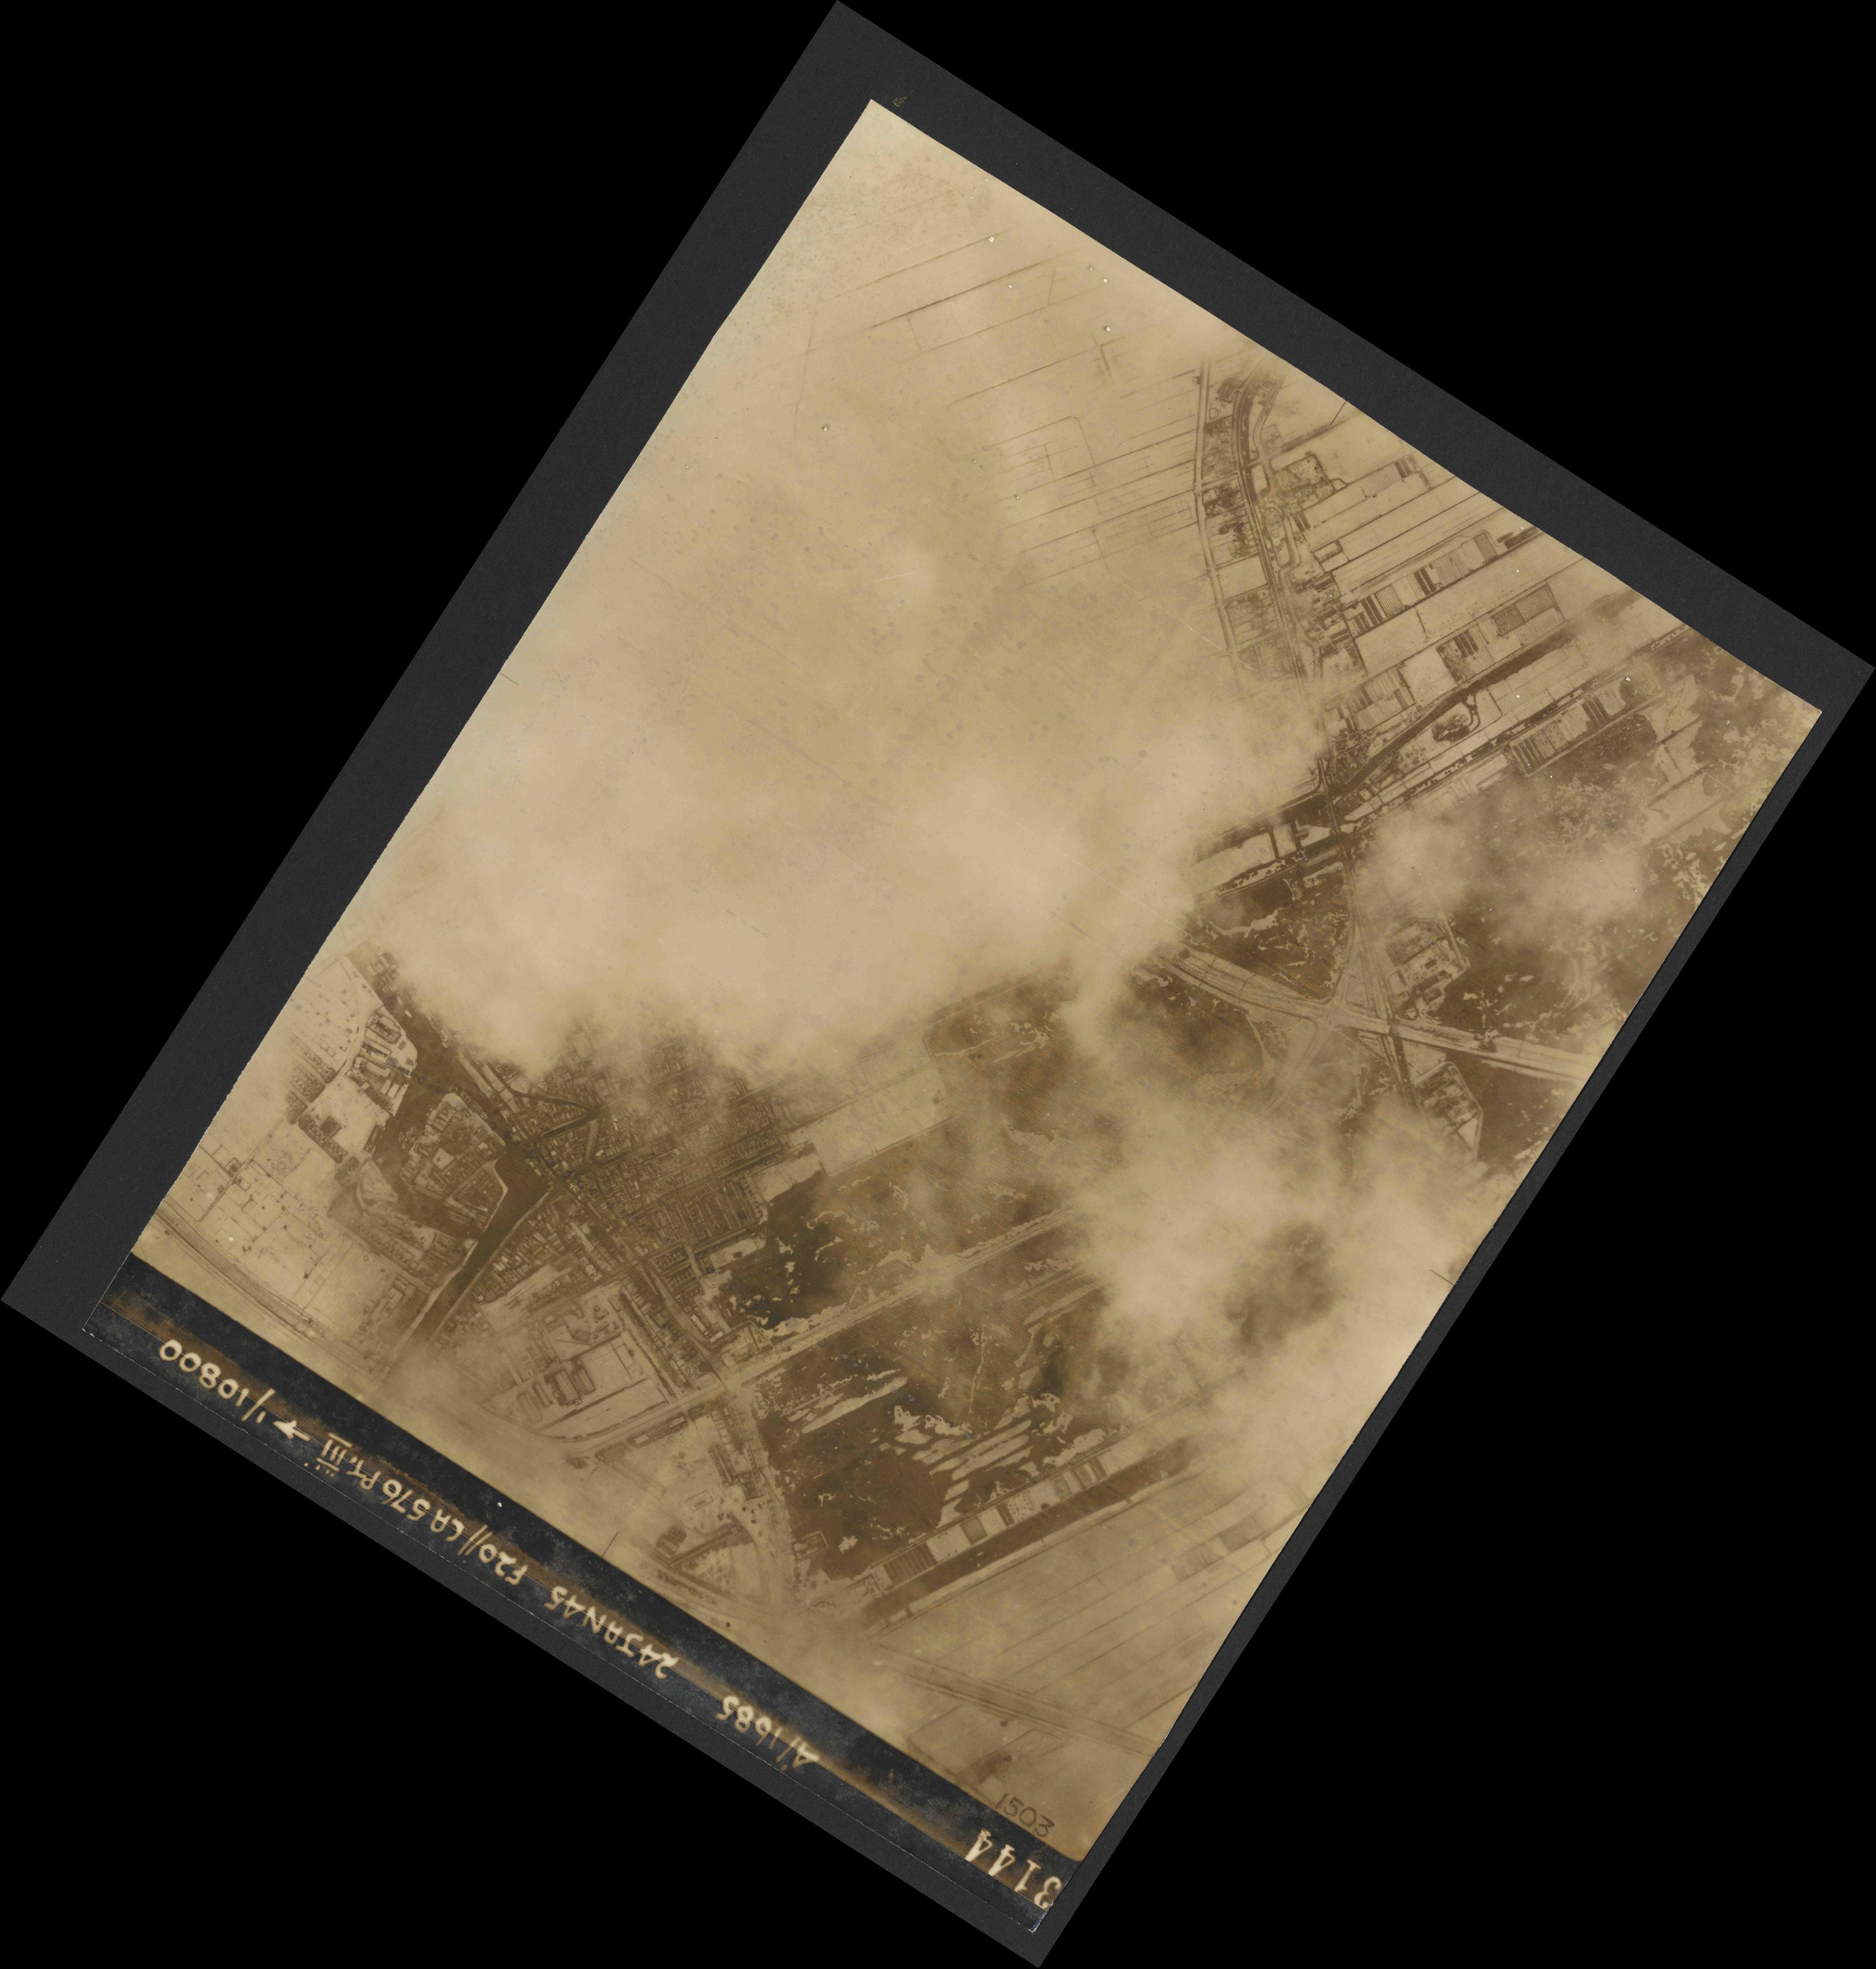 Collection RAF aerial photos 1940-1945 - flight 086, run 02, photo 3144